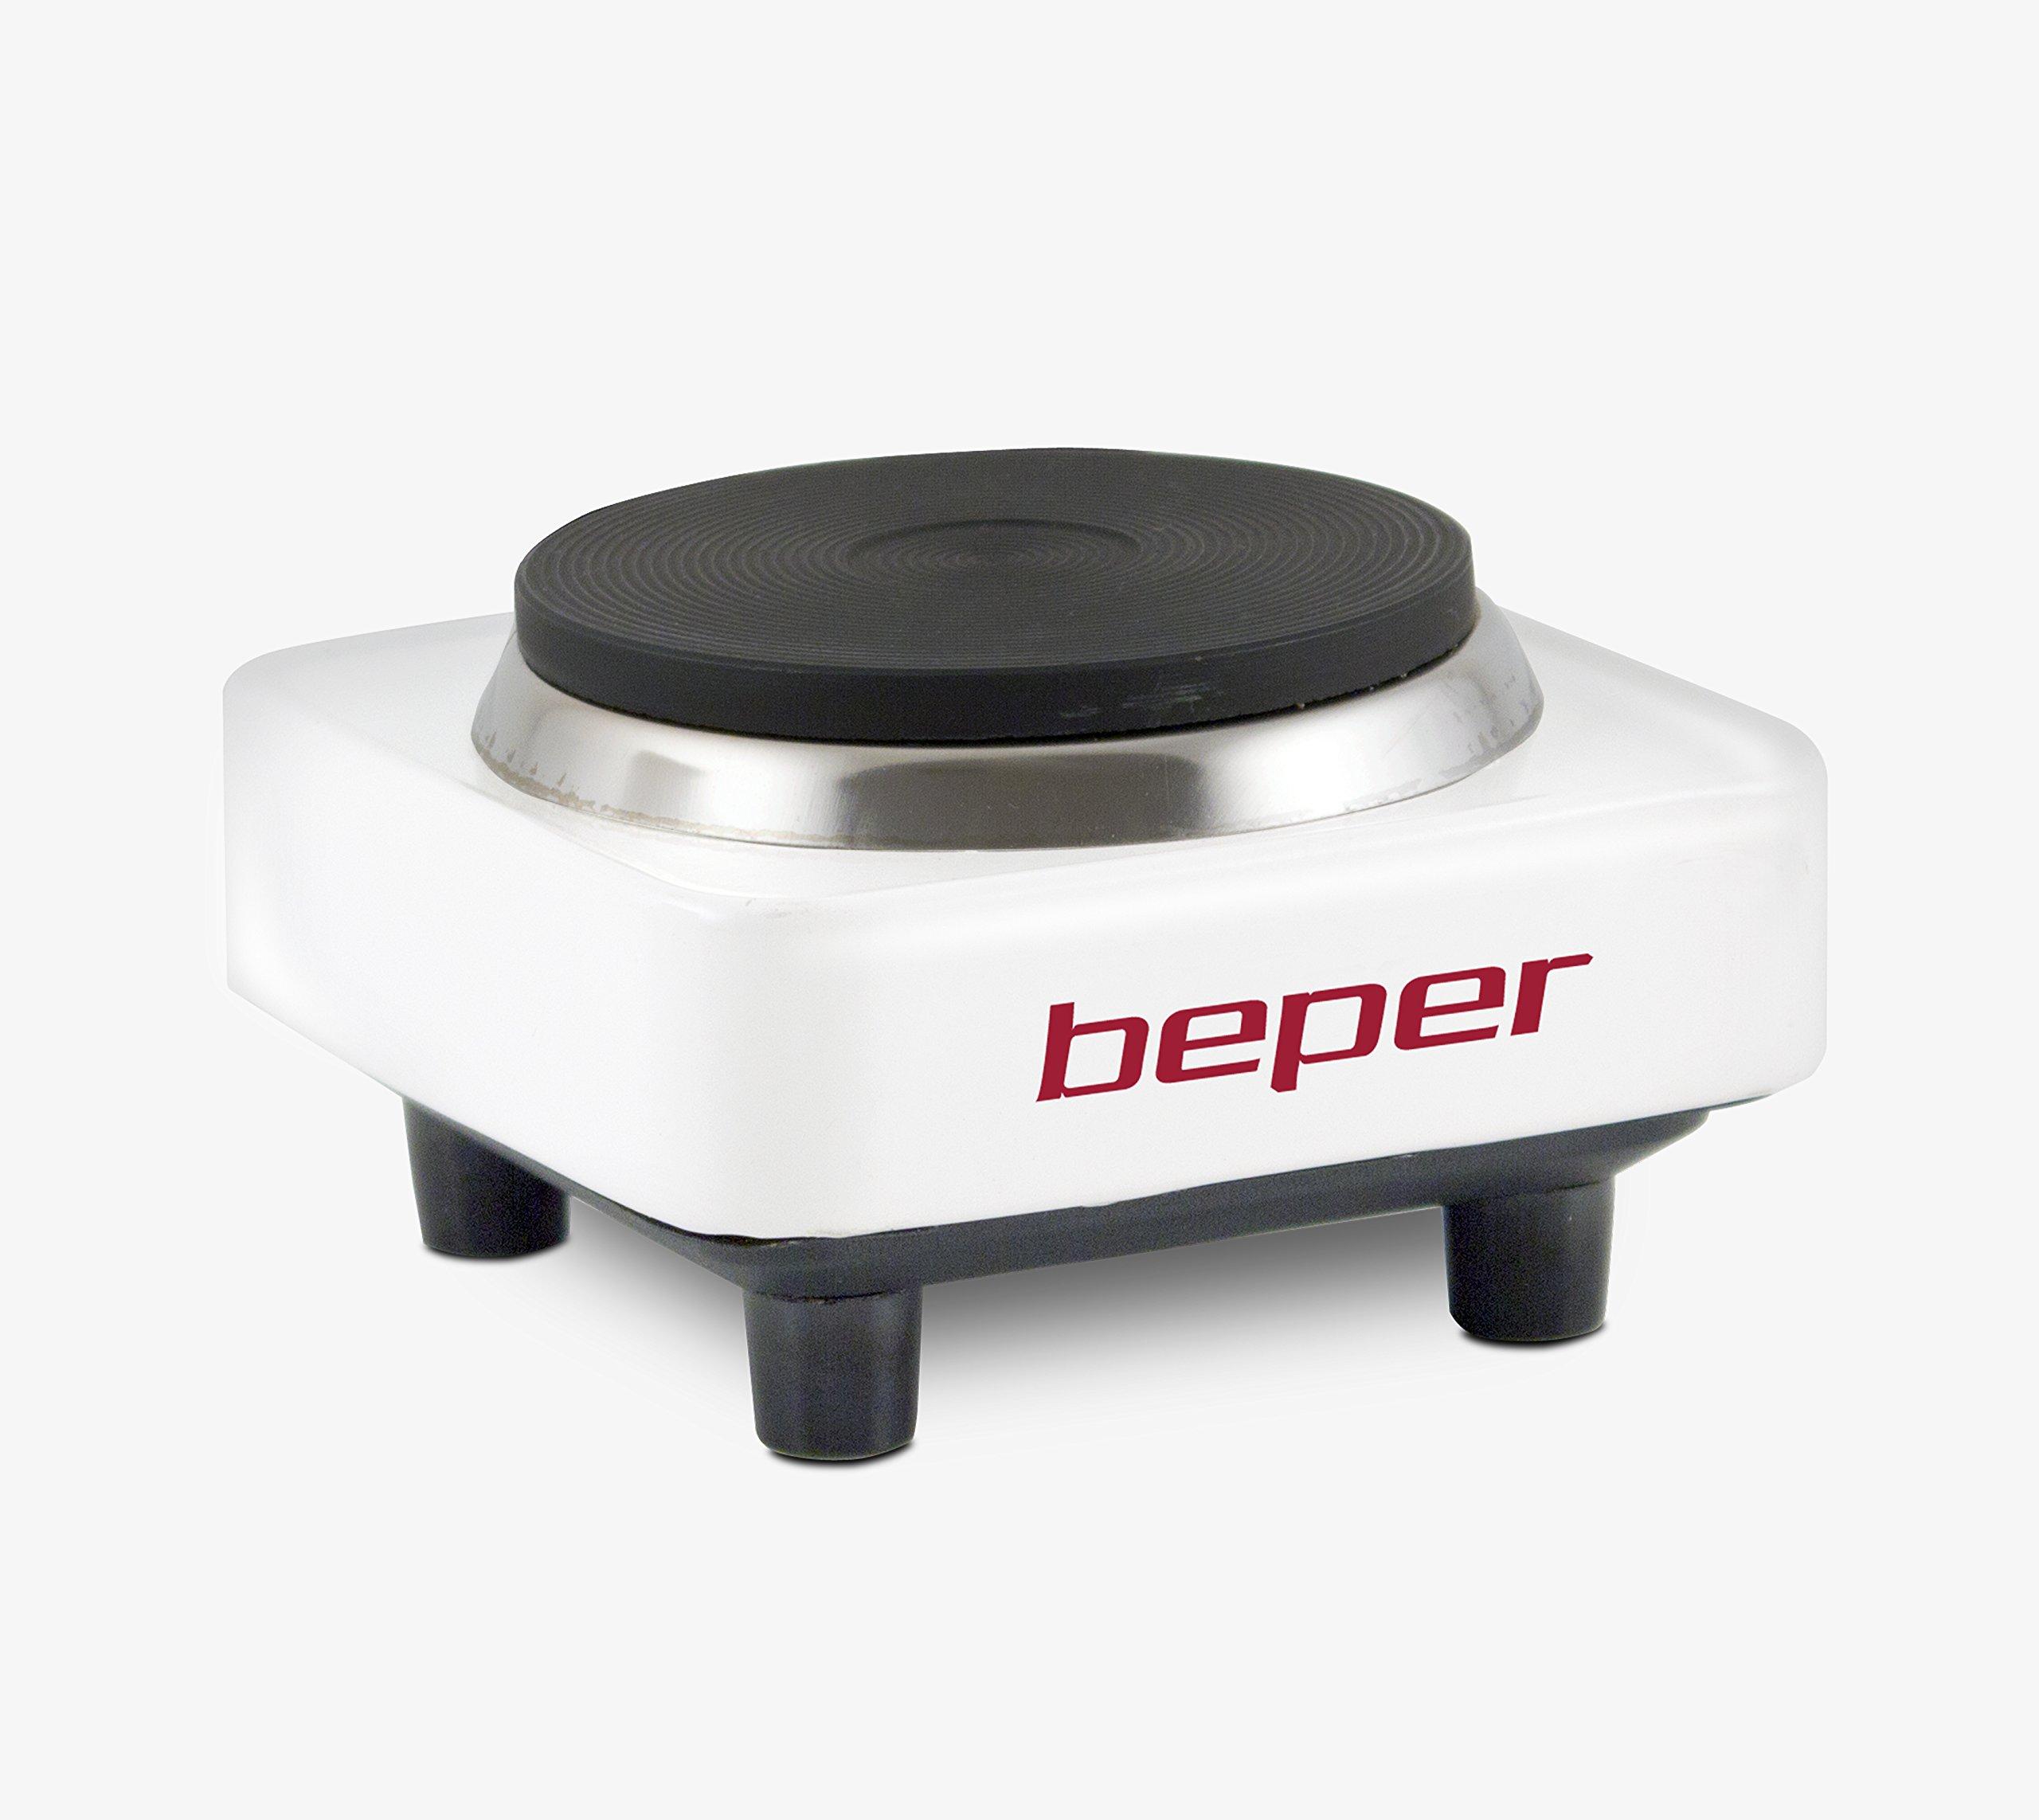 Beper 90.358h/Rete���Fornello elettrico, 300�W